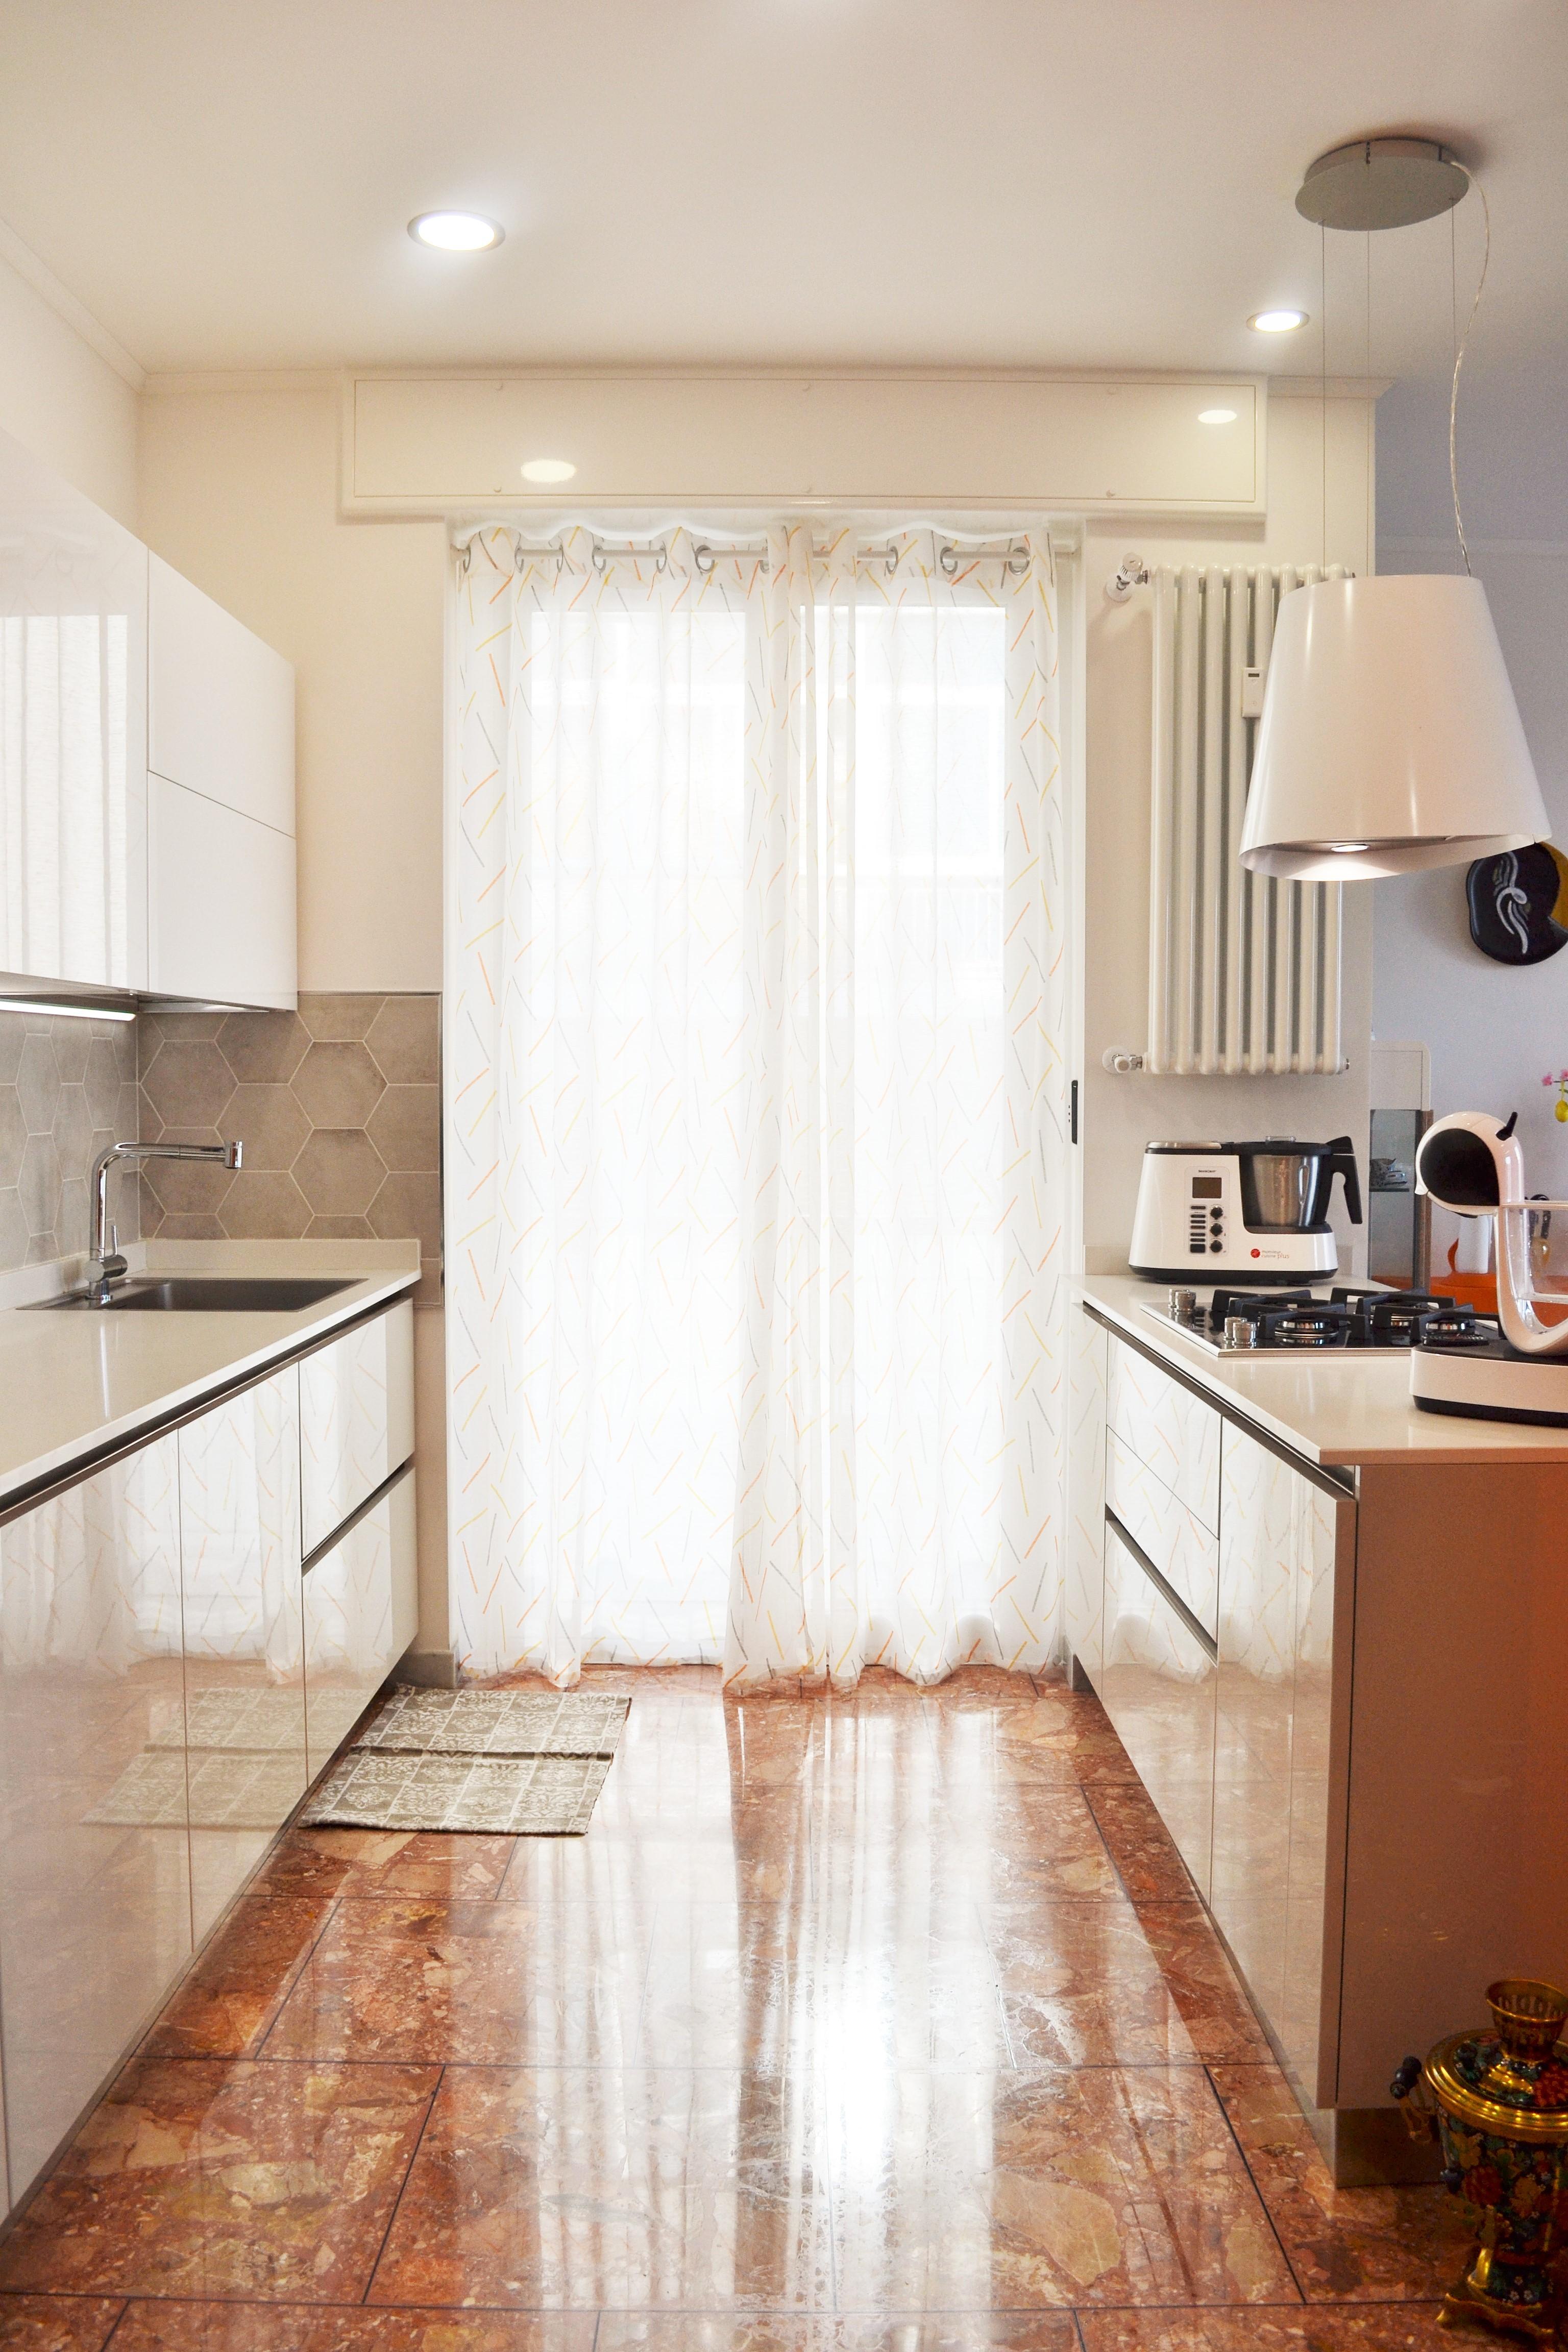 cucina-savona-centro dell'arredamento-round-arredo3